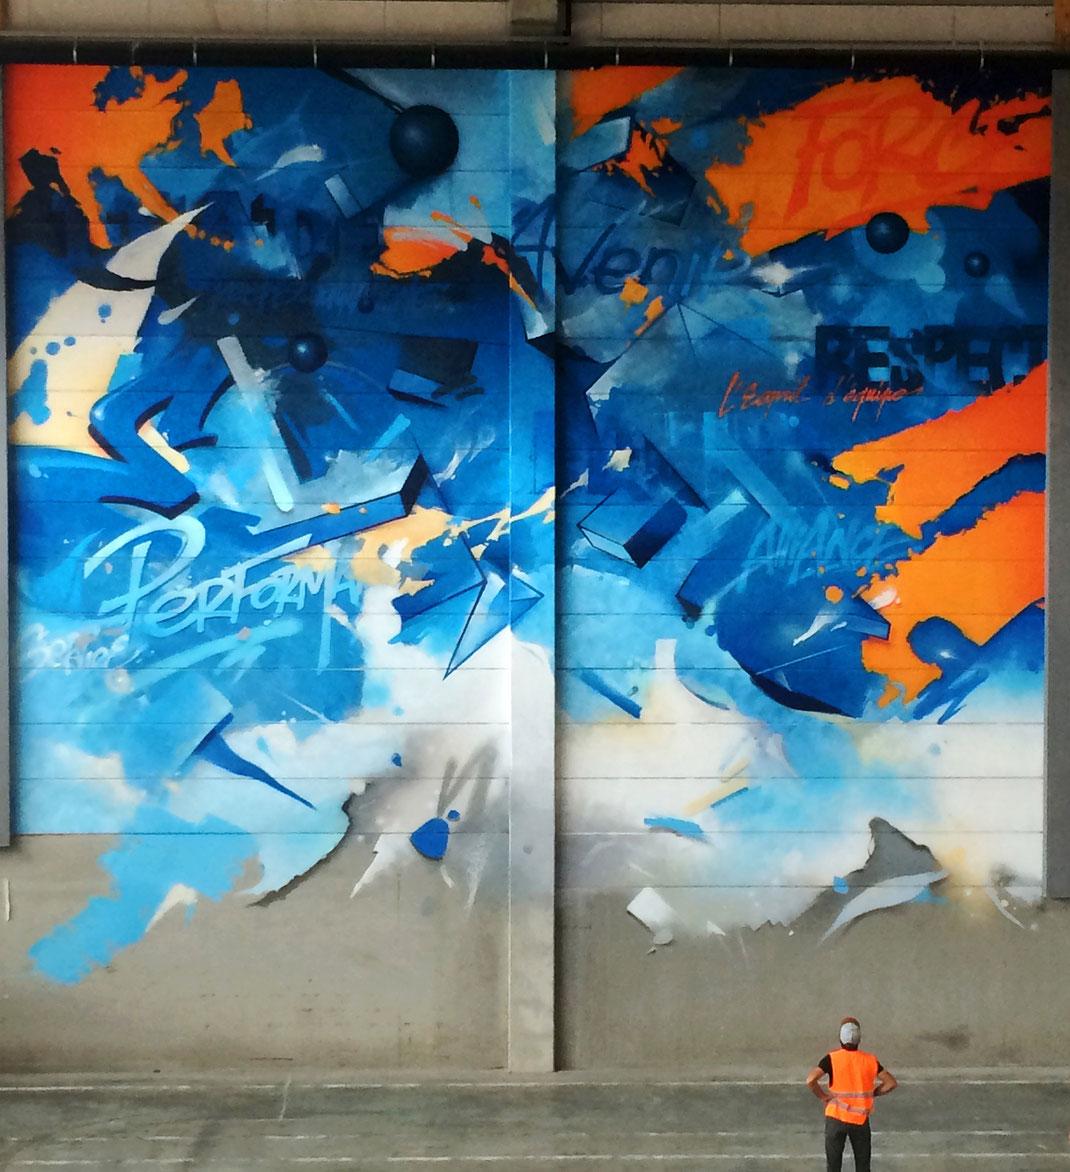 Fresque réalisée avec Trakt pour le centre Leclerc, art mural à la fondation Leclerc de Concarneau, signée par Michel Edouard Leclerc. 2017.